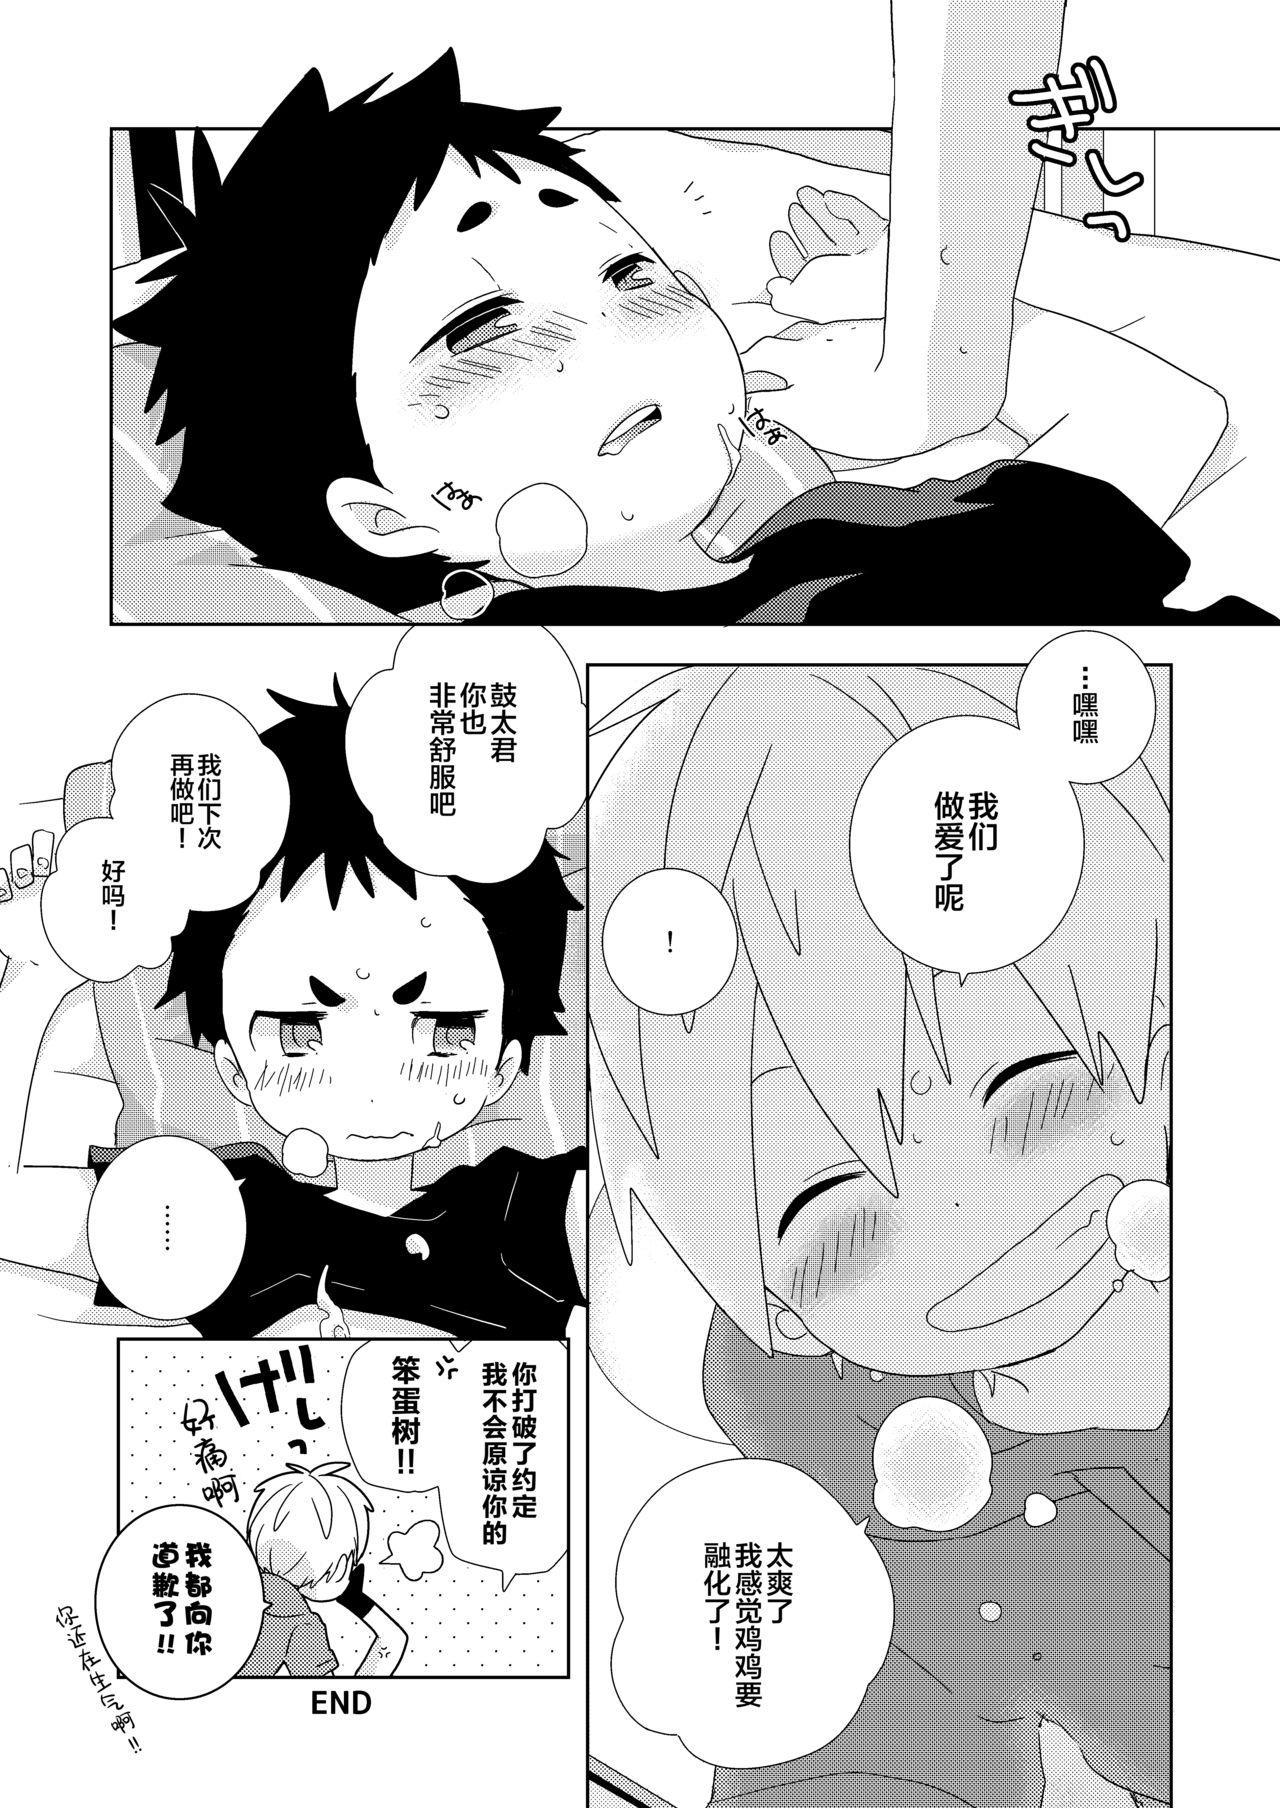 Kota-kun Ecchi Shiyo! 10